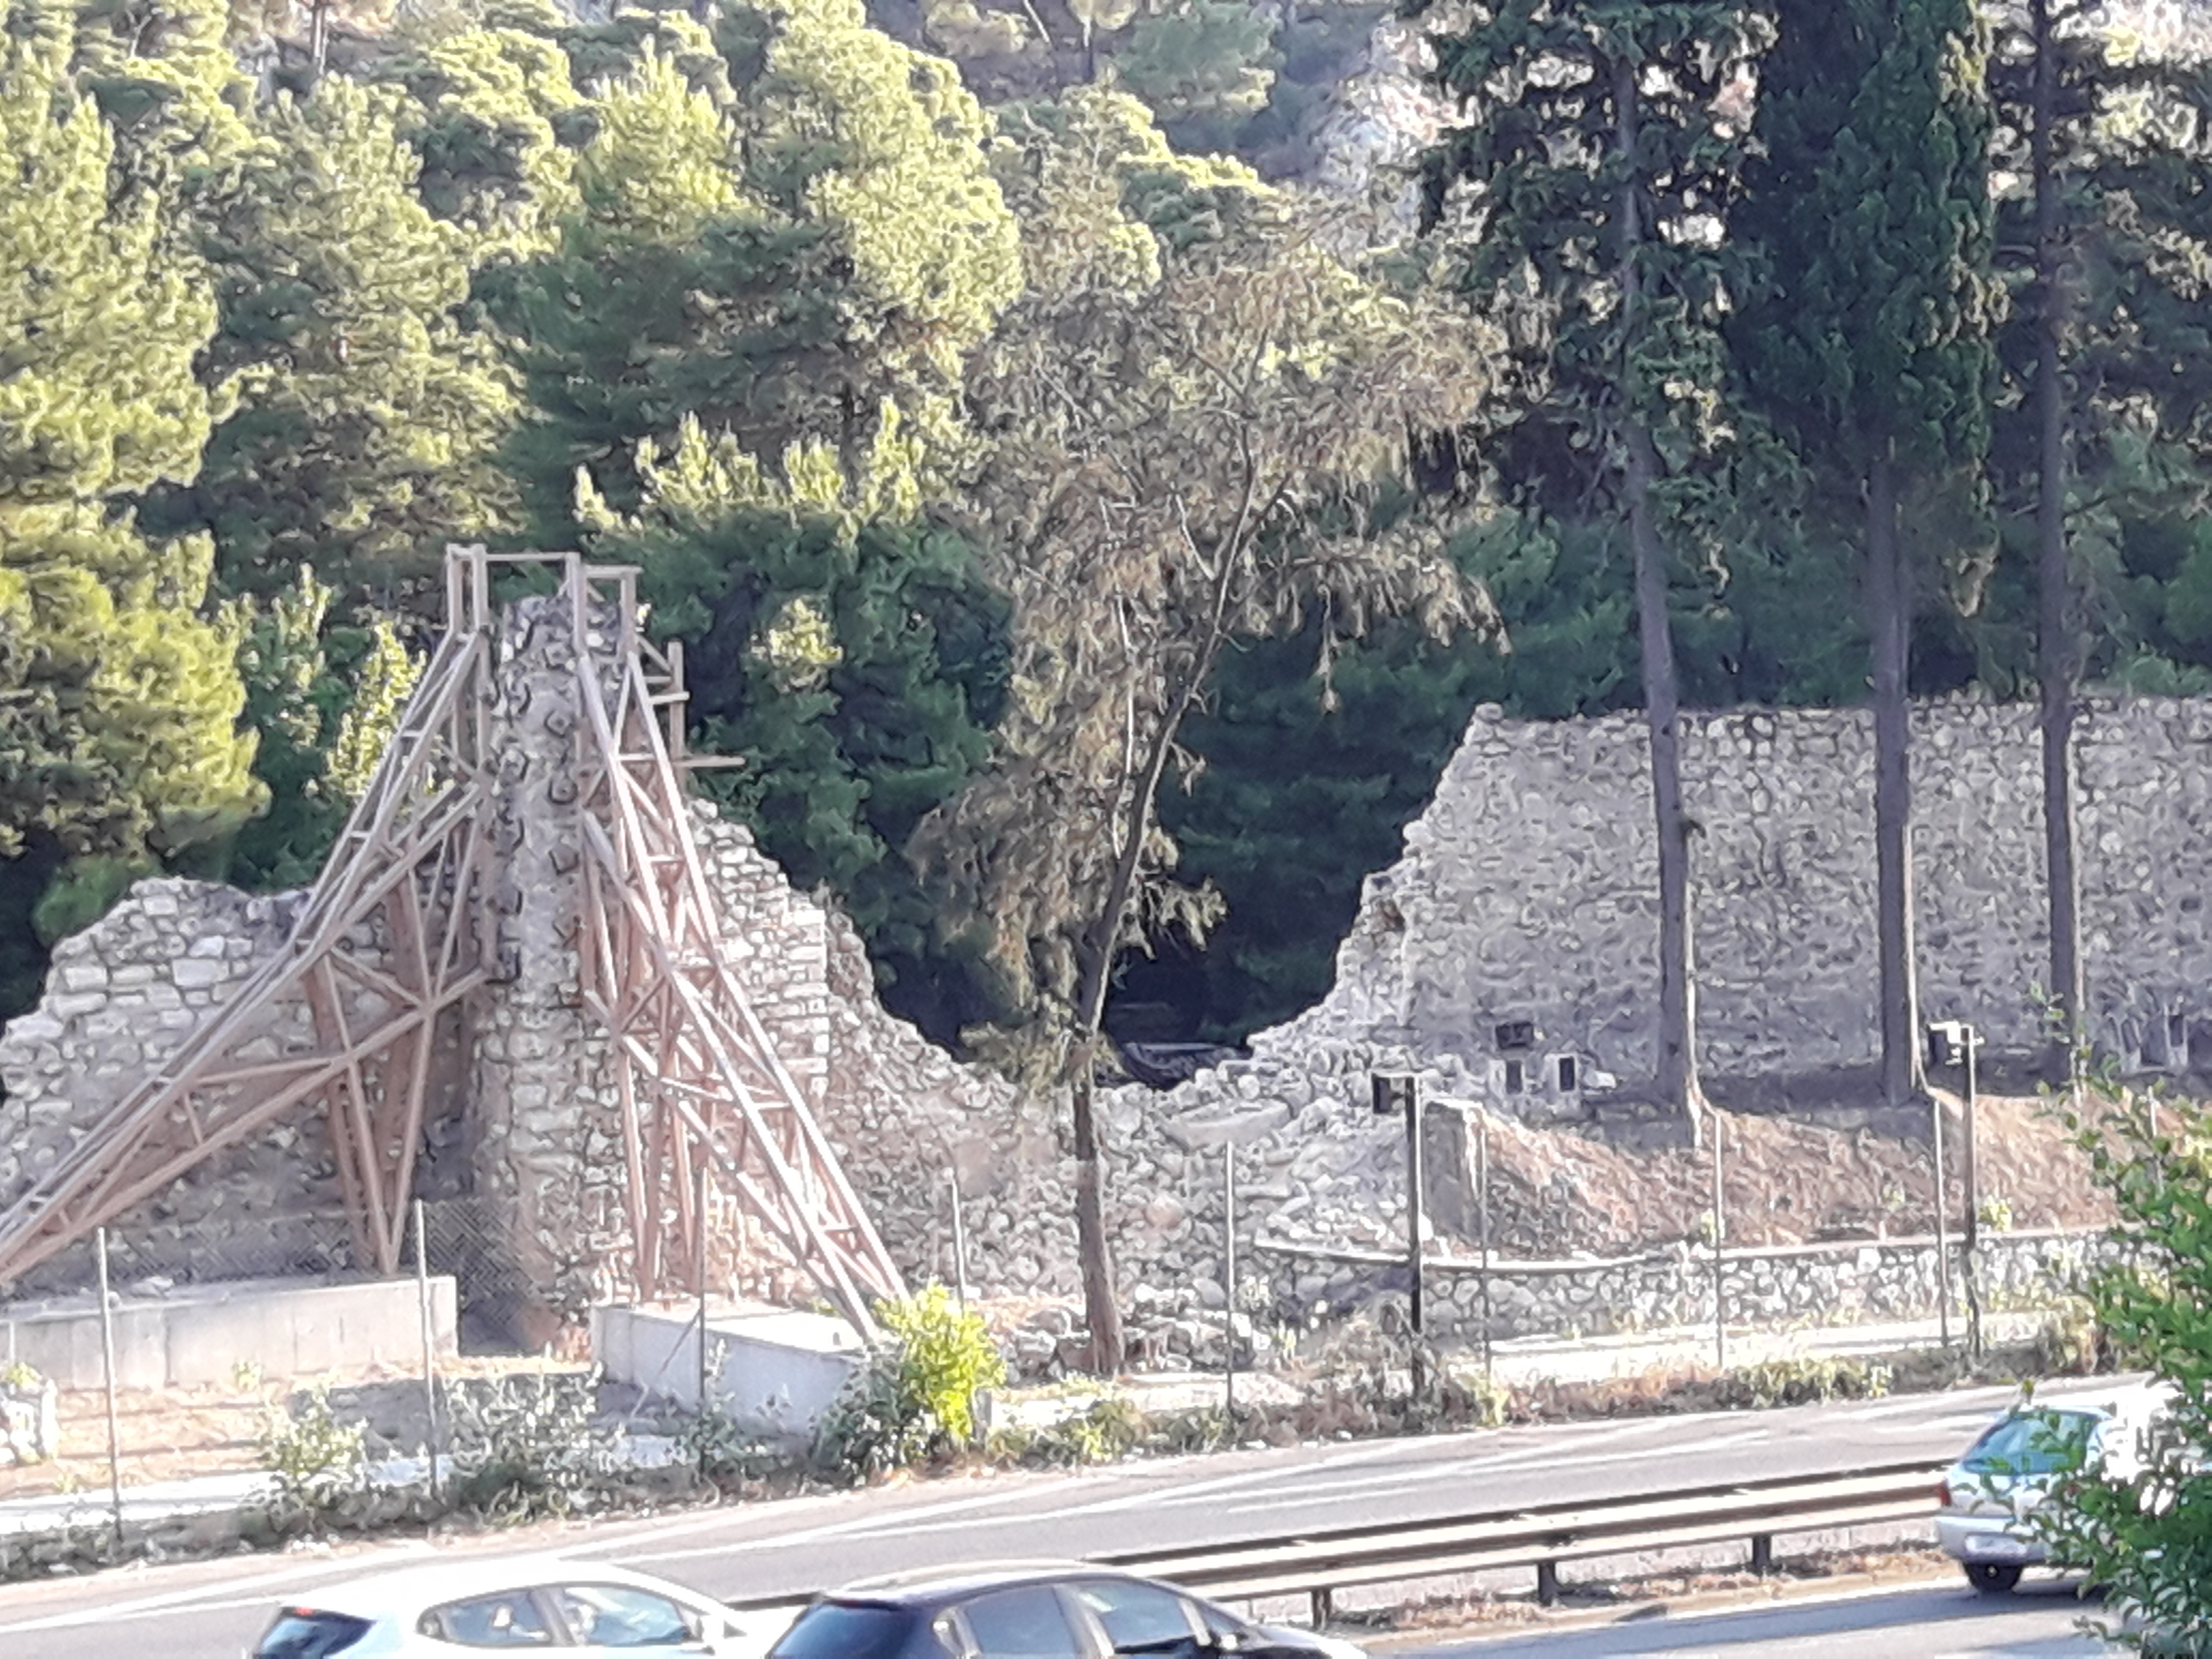 Δεν άντεξε τα Ρίχτερ το οχυρωματικό τείχος στη Μονή Δαφνίου! Κατέρρευσε τμήμα του